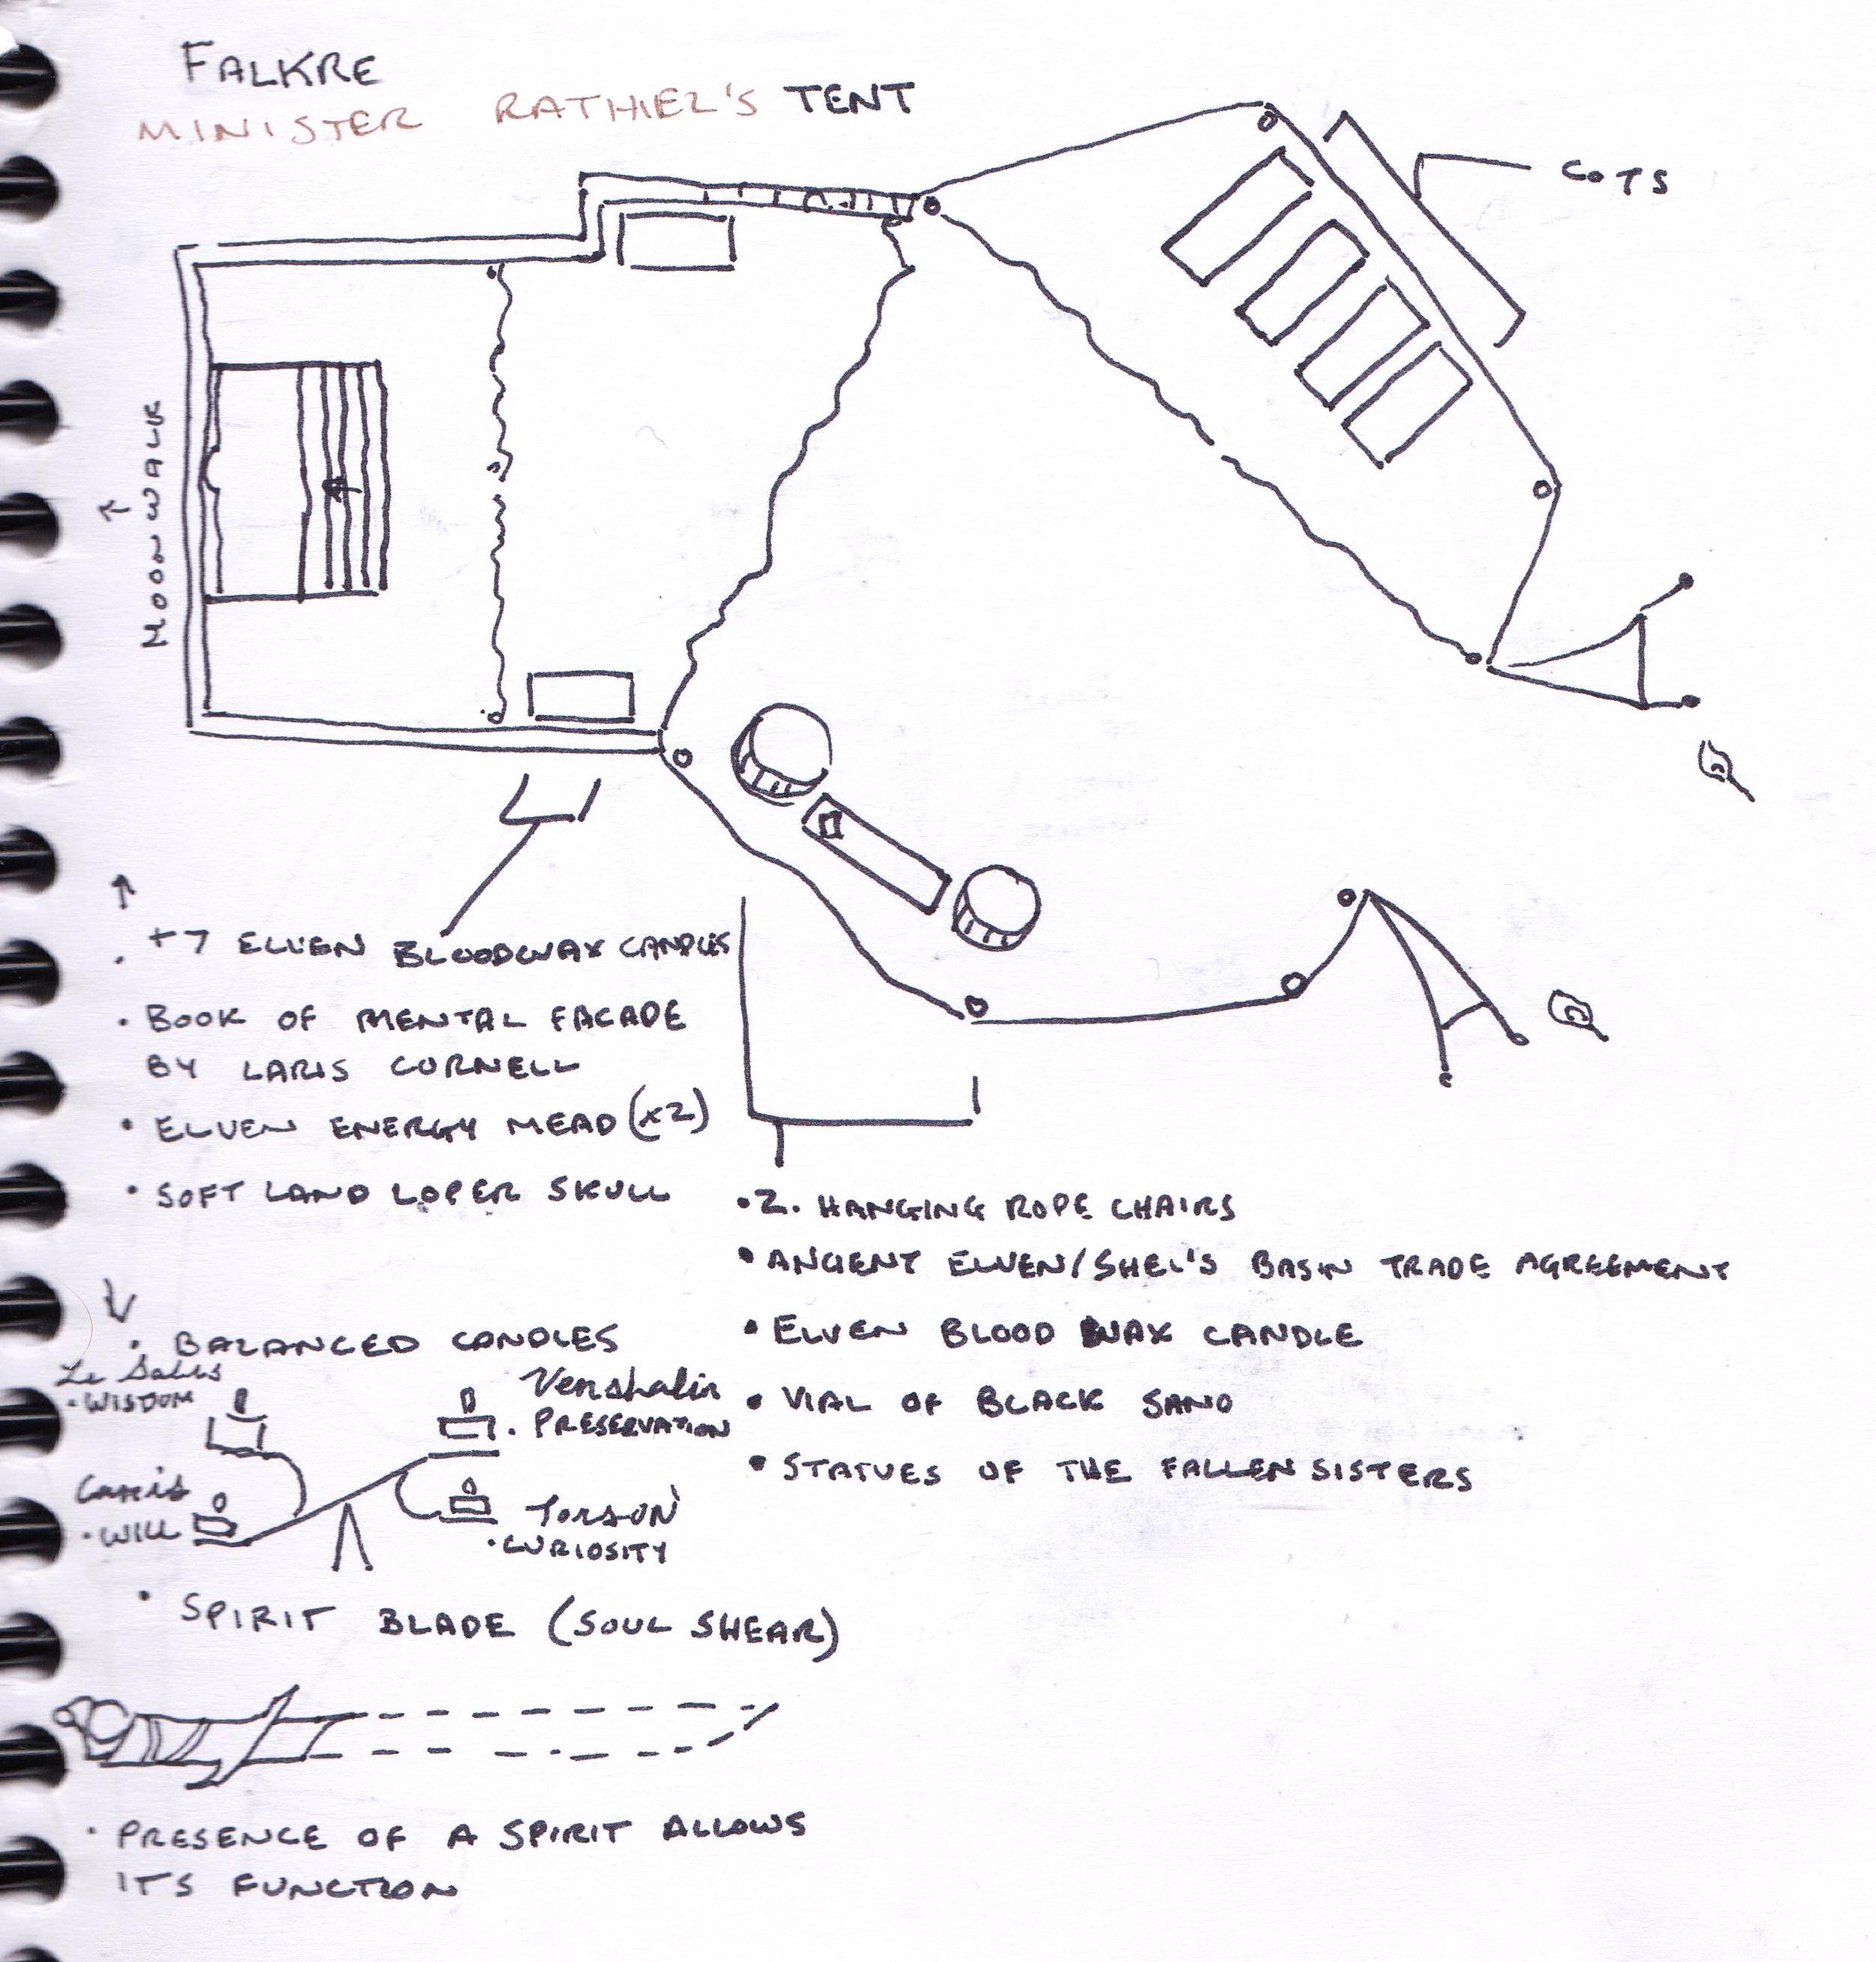 ch7.1_notebook_01.jpg